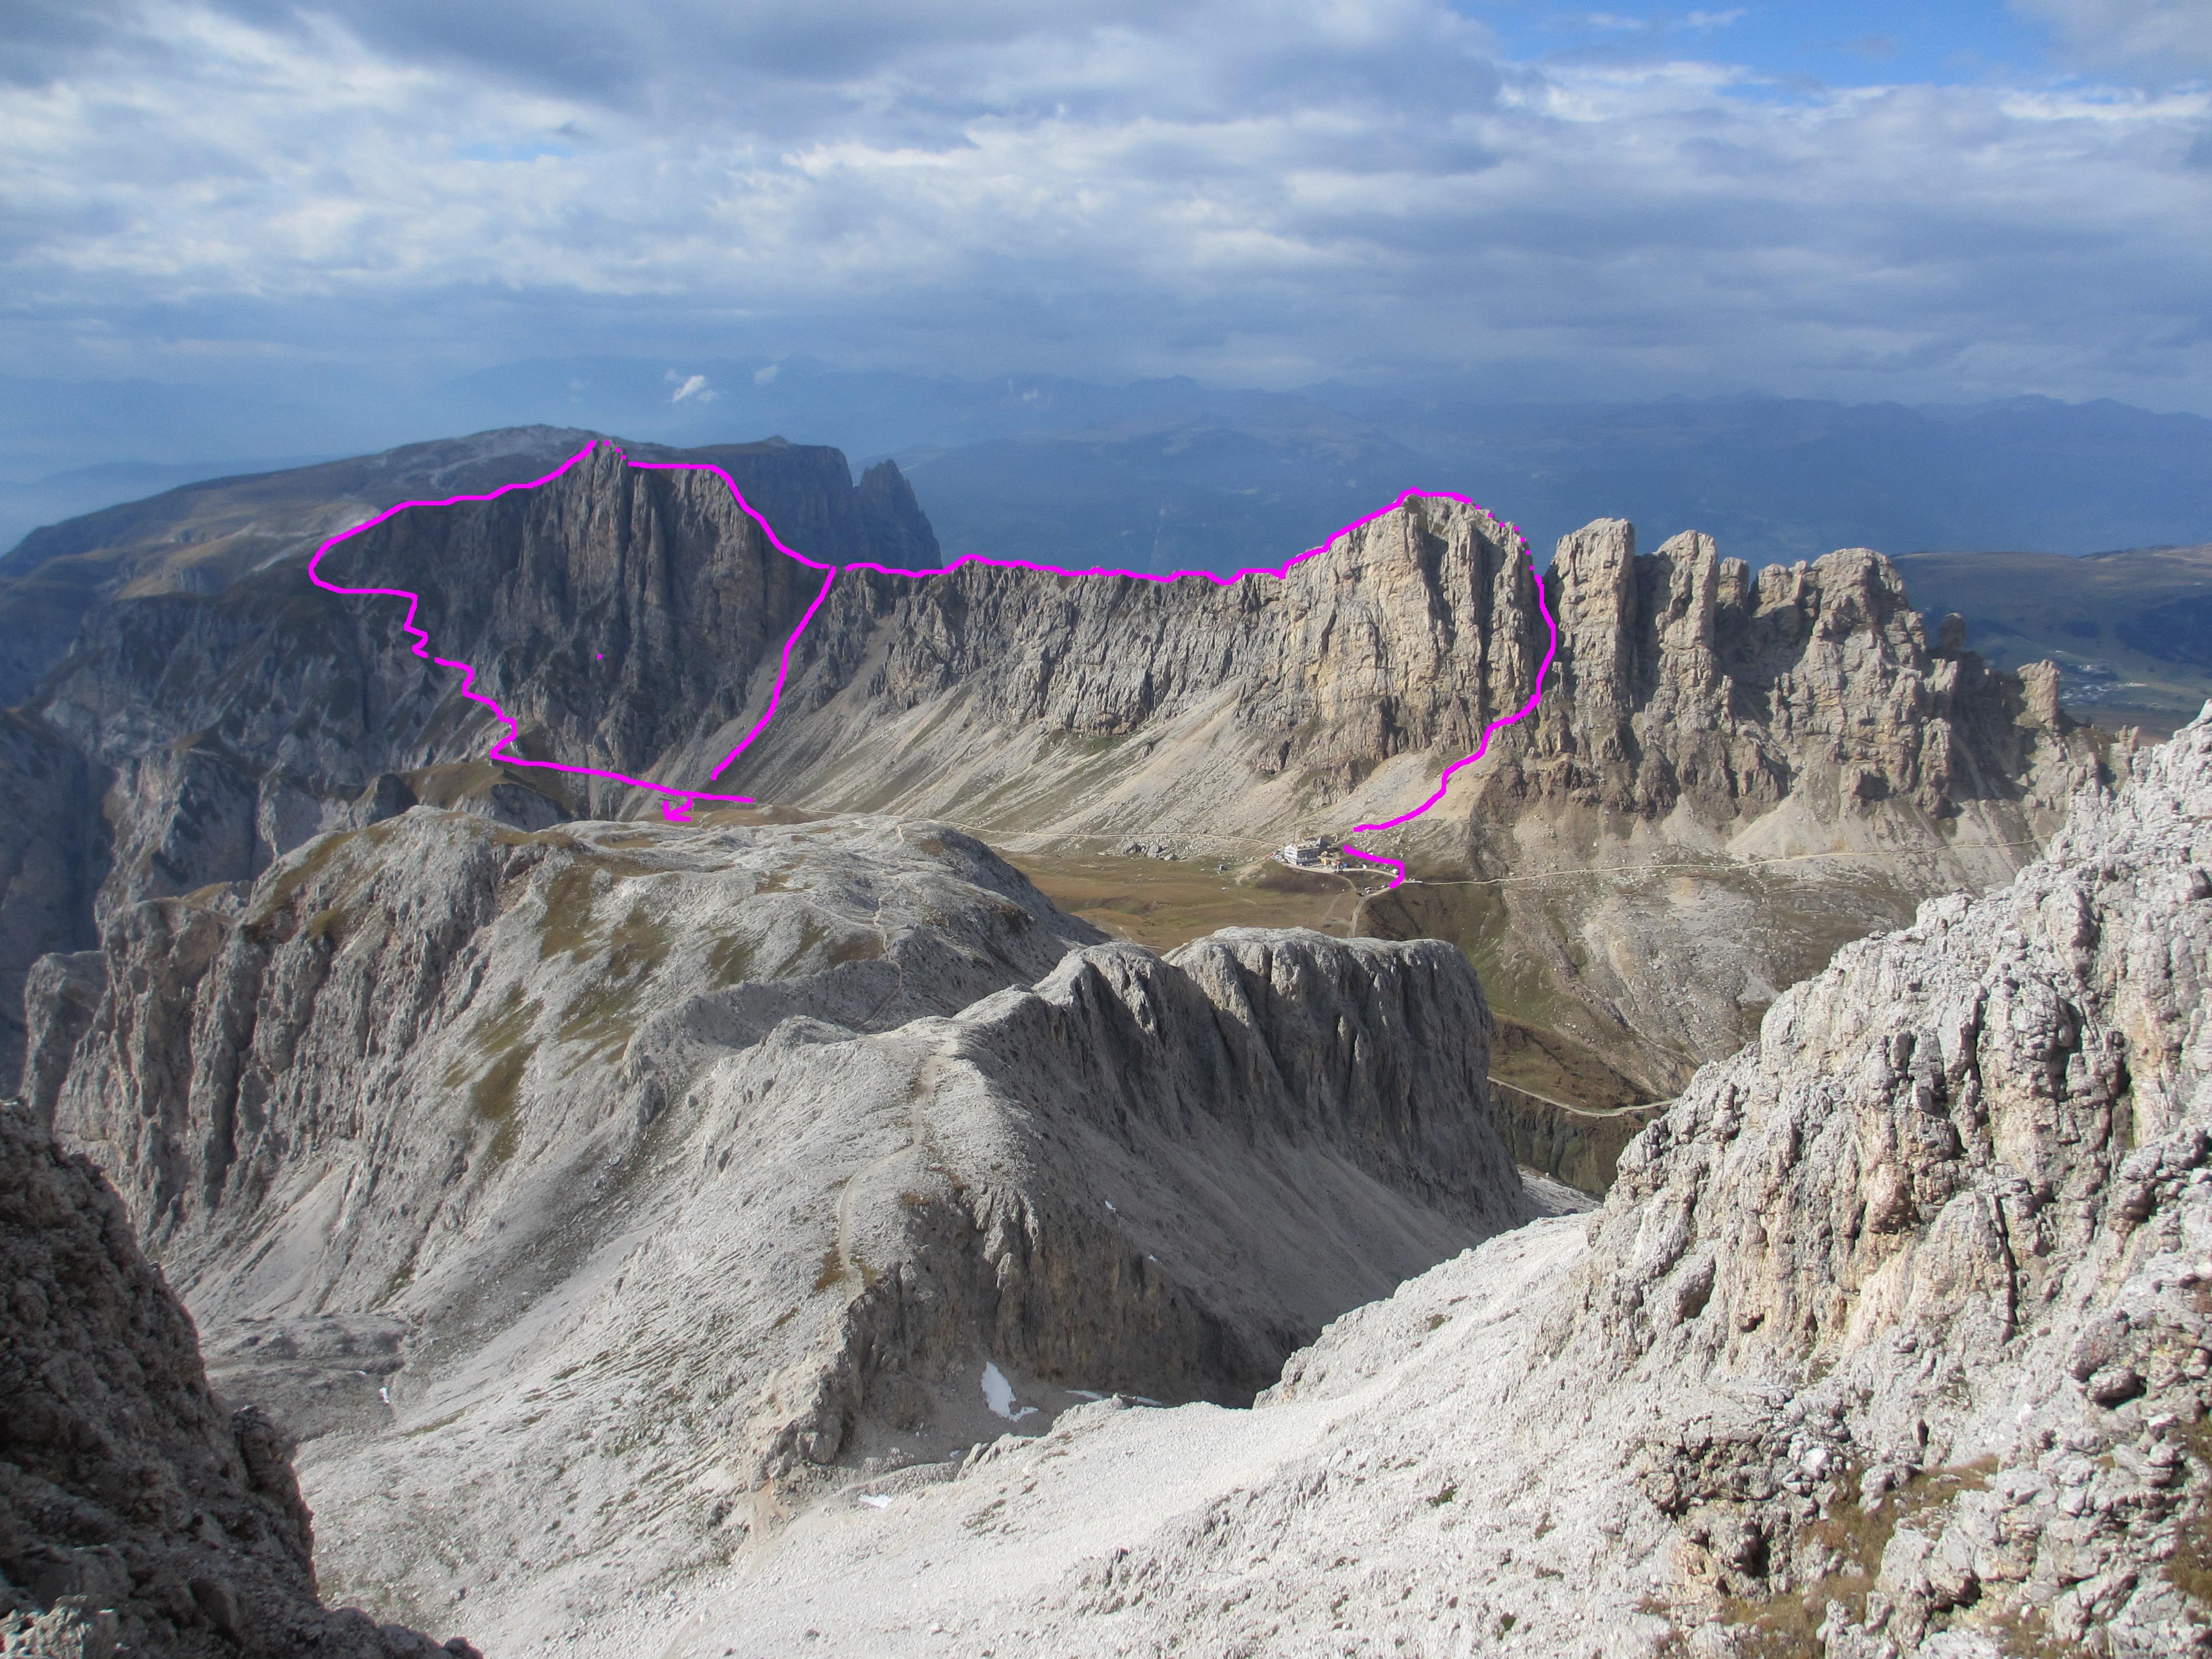 Klettersteig Rosengarten : Maximiliansteig klettersteig im rosengarten schlern